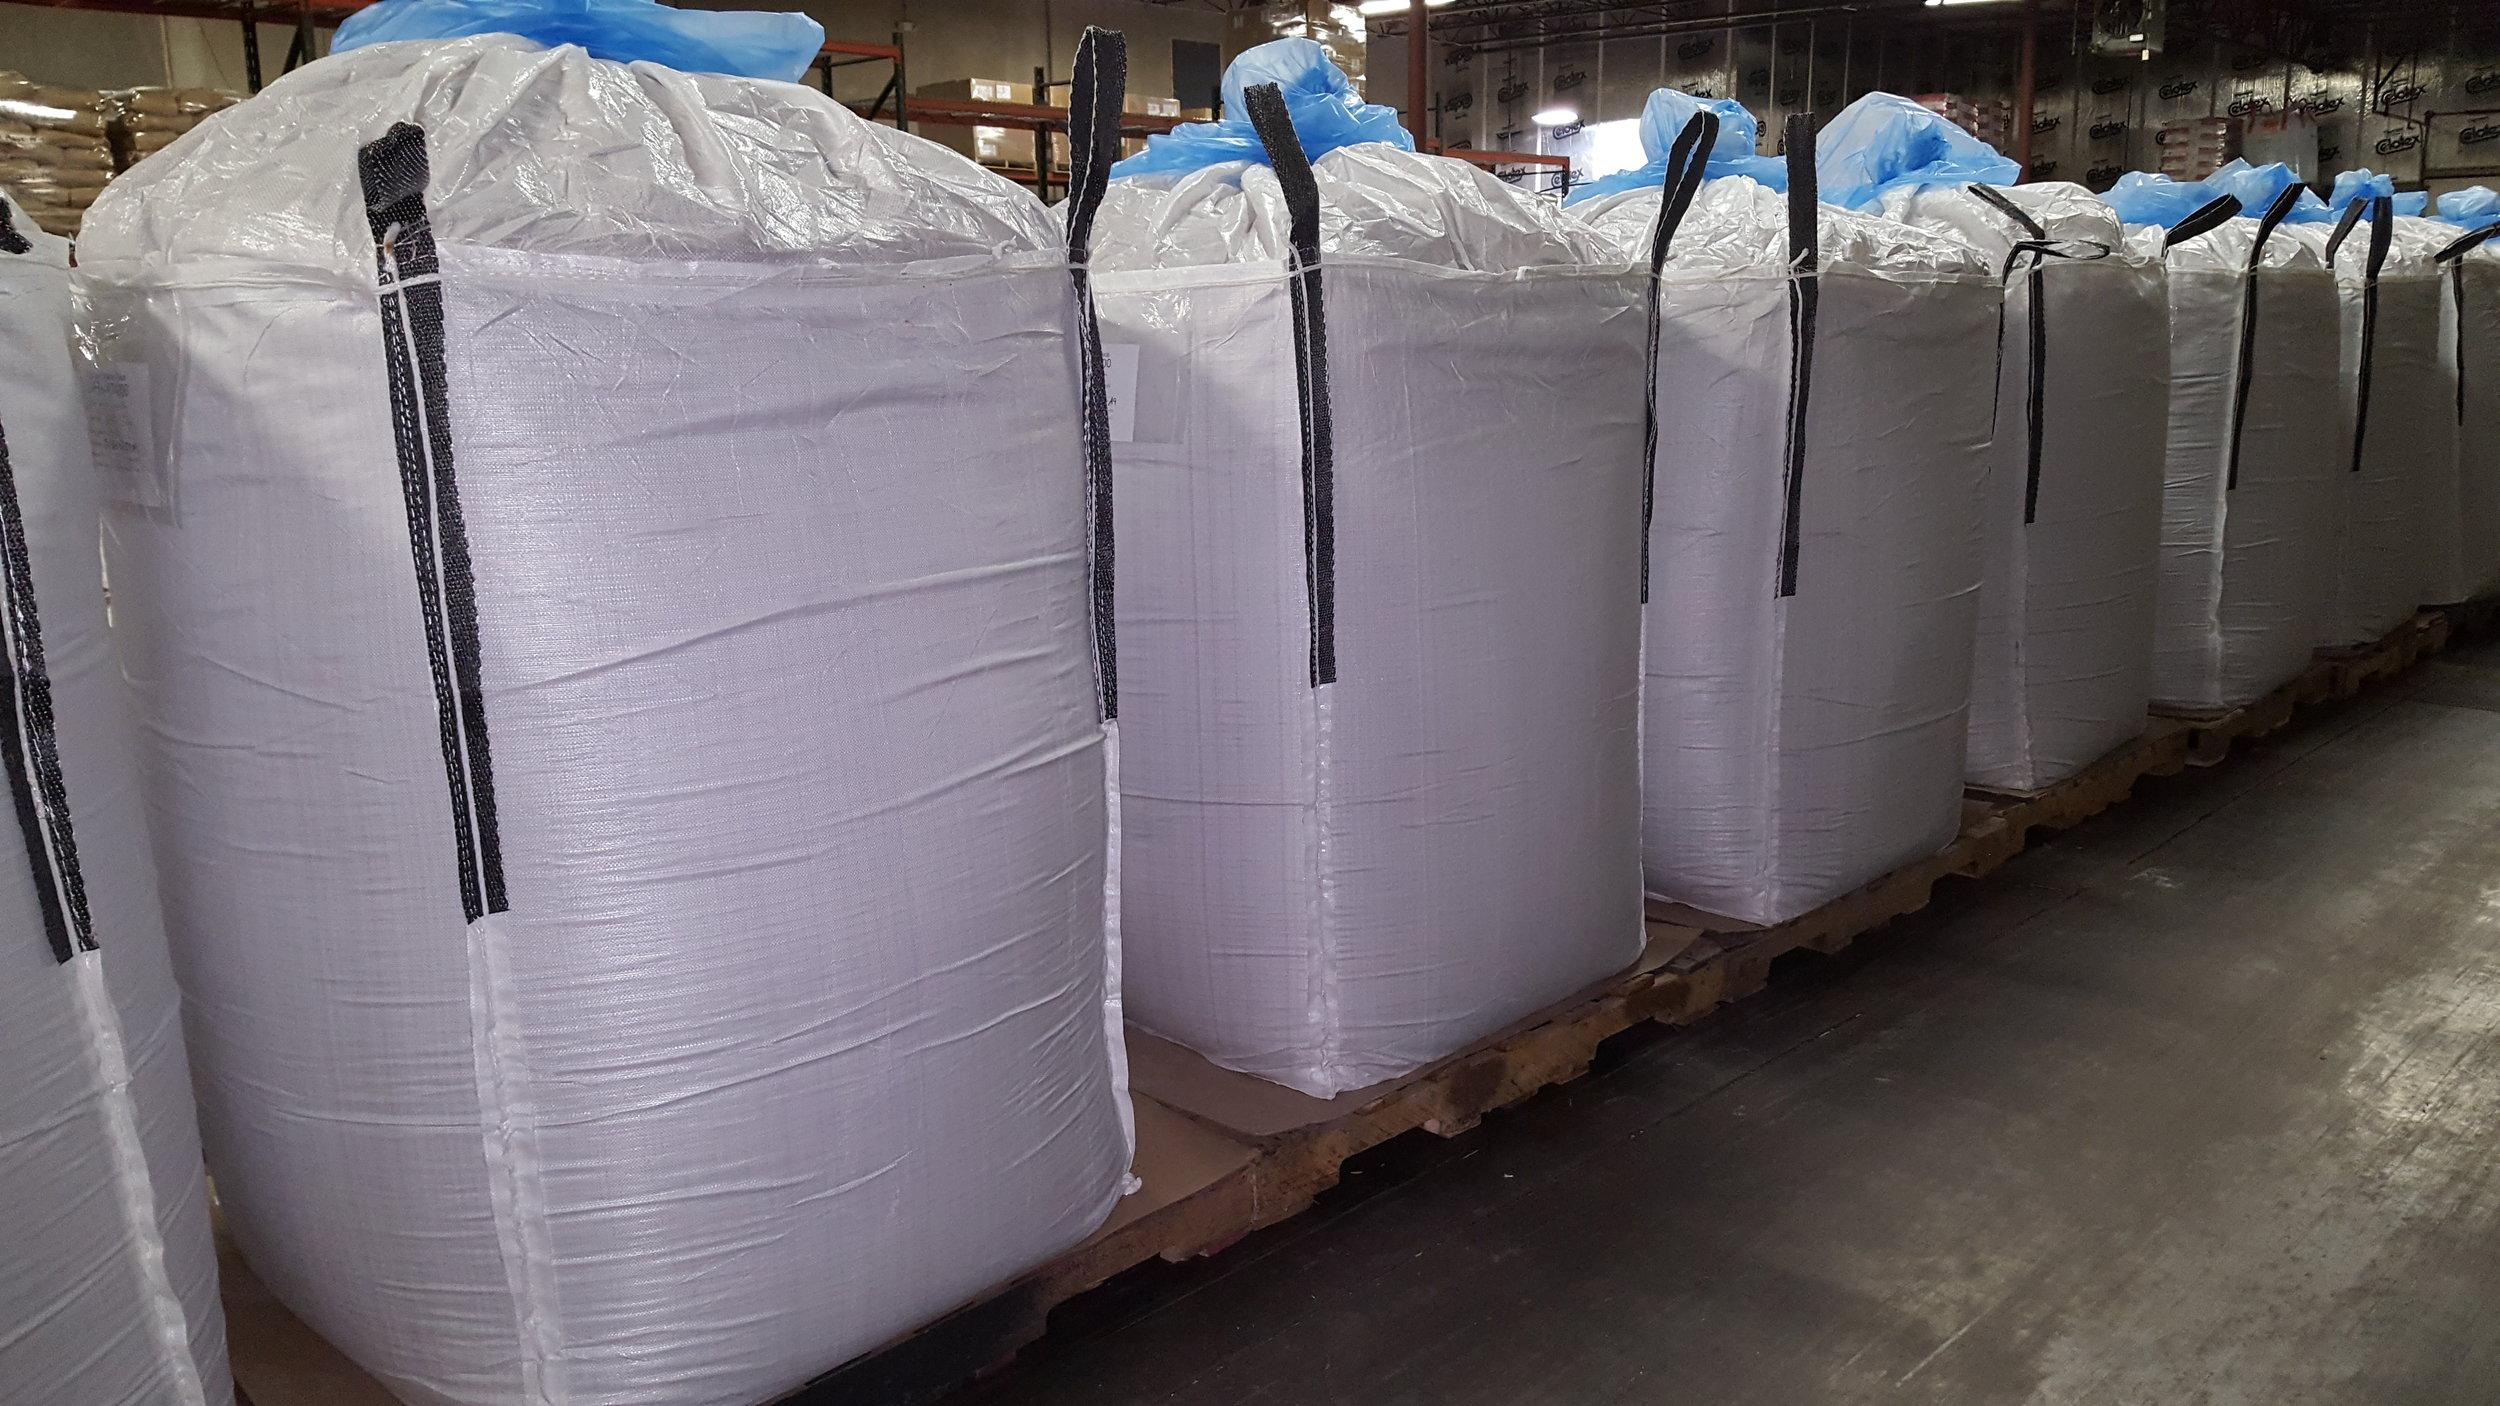 Bulk Sacks - Custom pack sizes from 500-2200 pounds